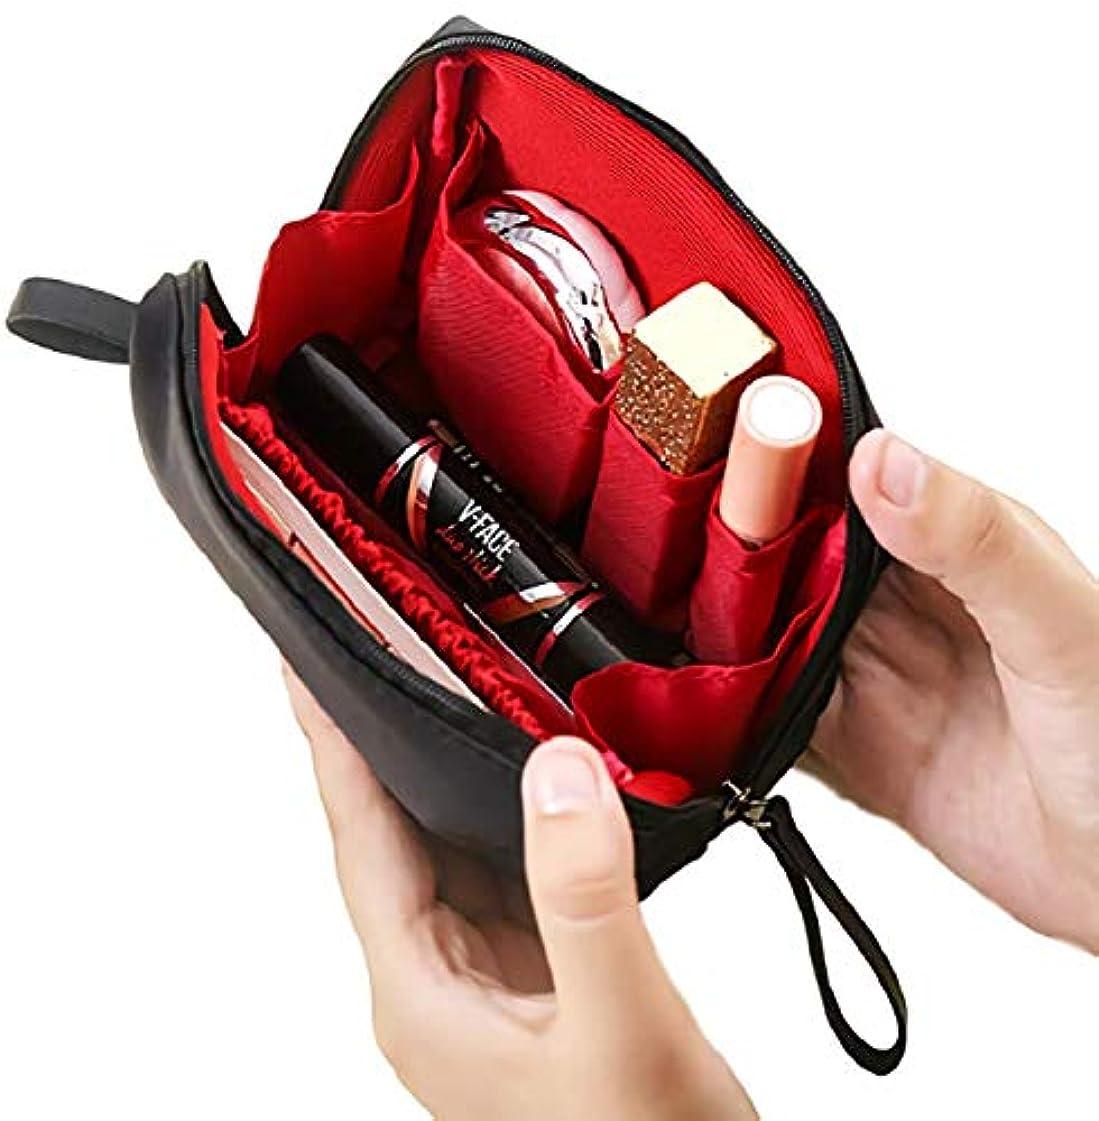 忘れっぽい空白壮大な[ウレギッシュ] 化粧ポーチ コンパクト メイクポーチ 化粧品 化粧道具 収納 バッグ (ブラック in レッド)